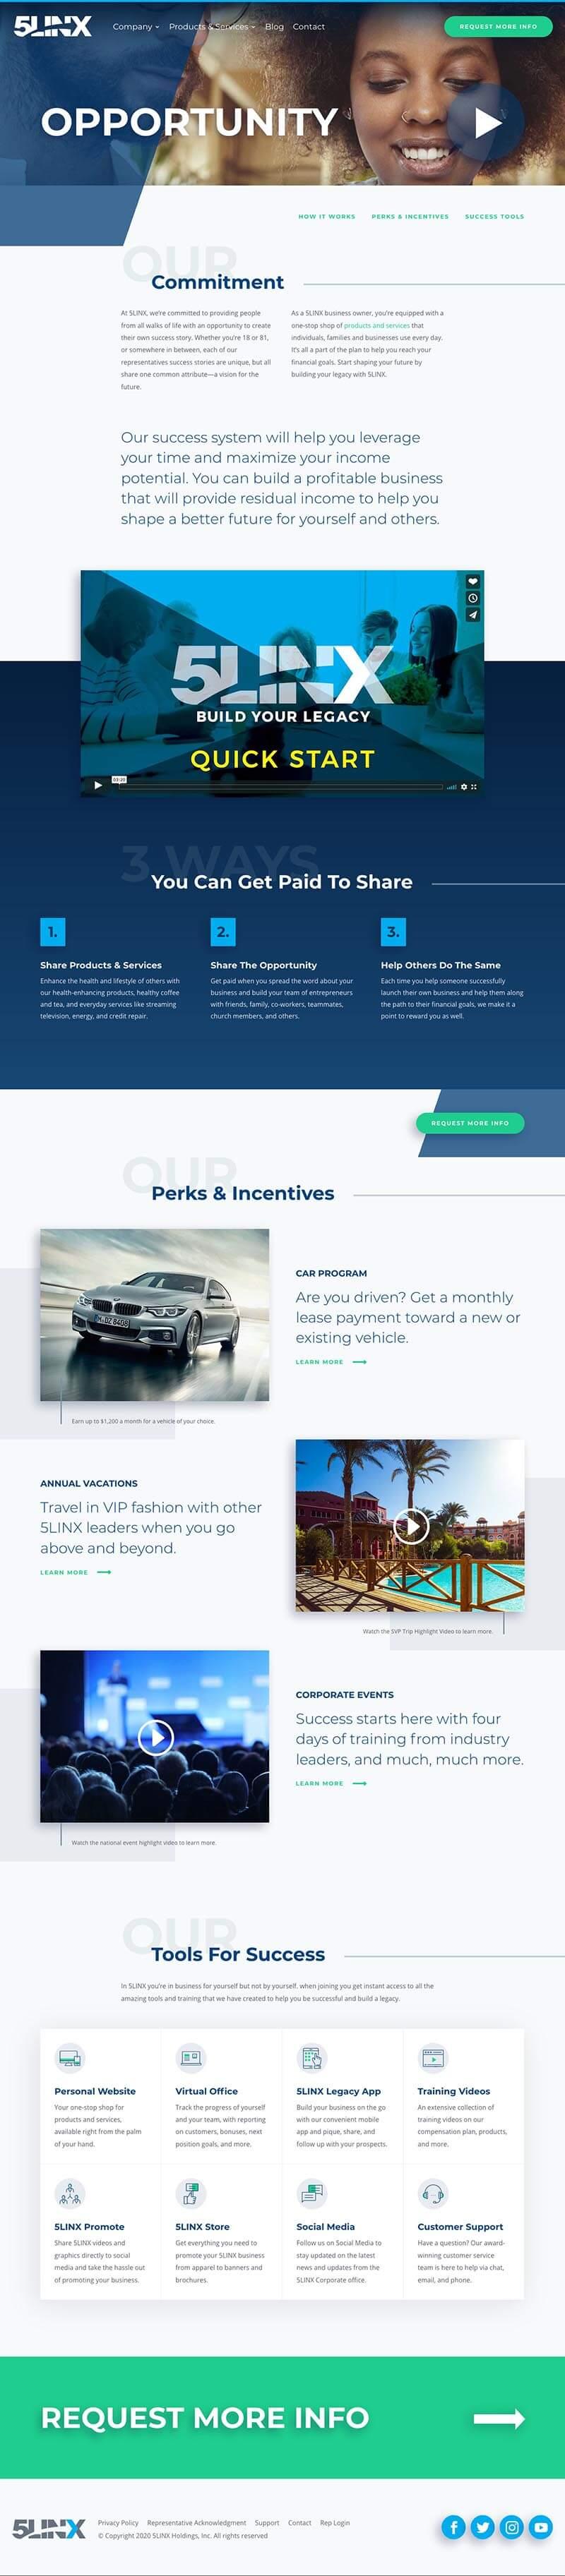 5LINX Website Development